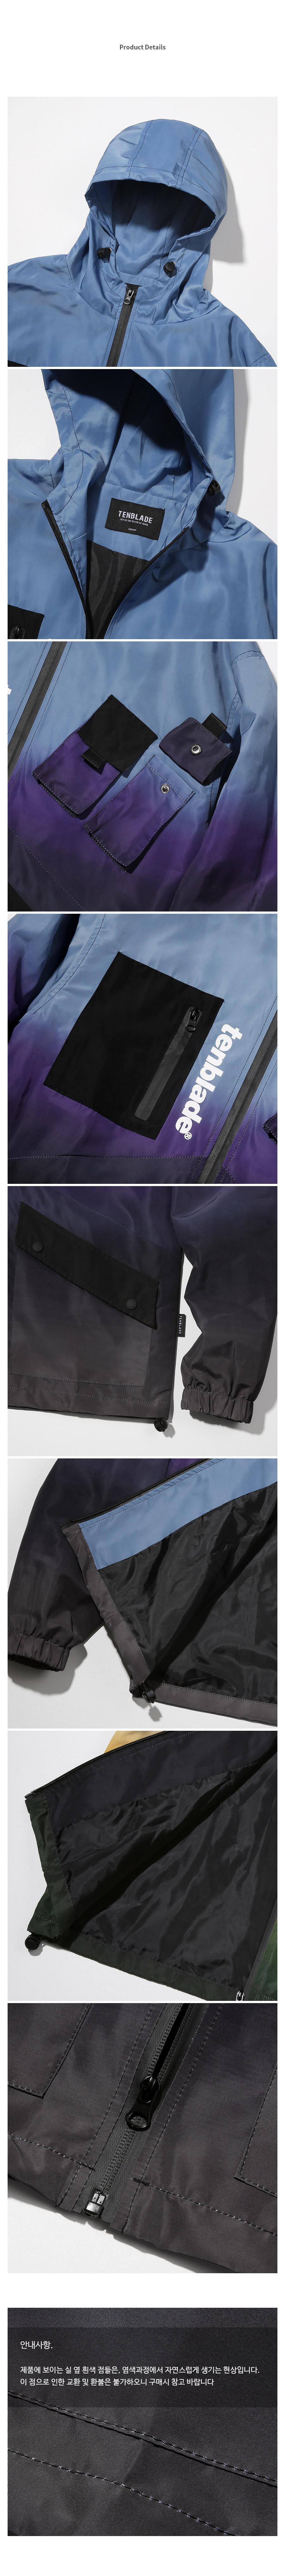 tai453jk-purple_06.jpg